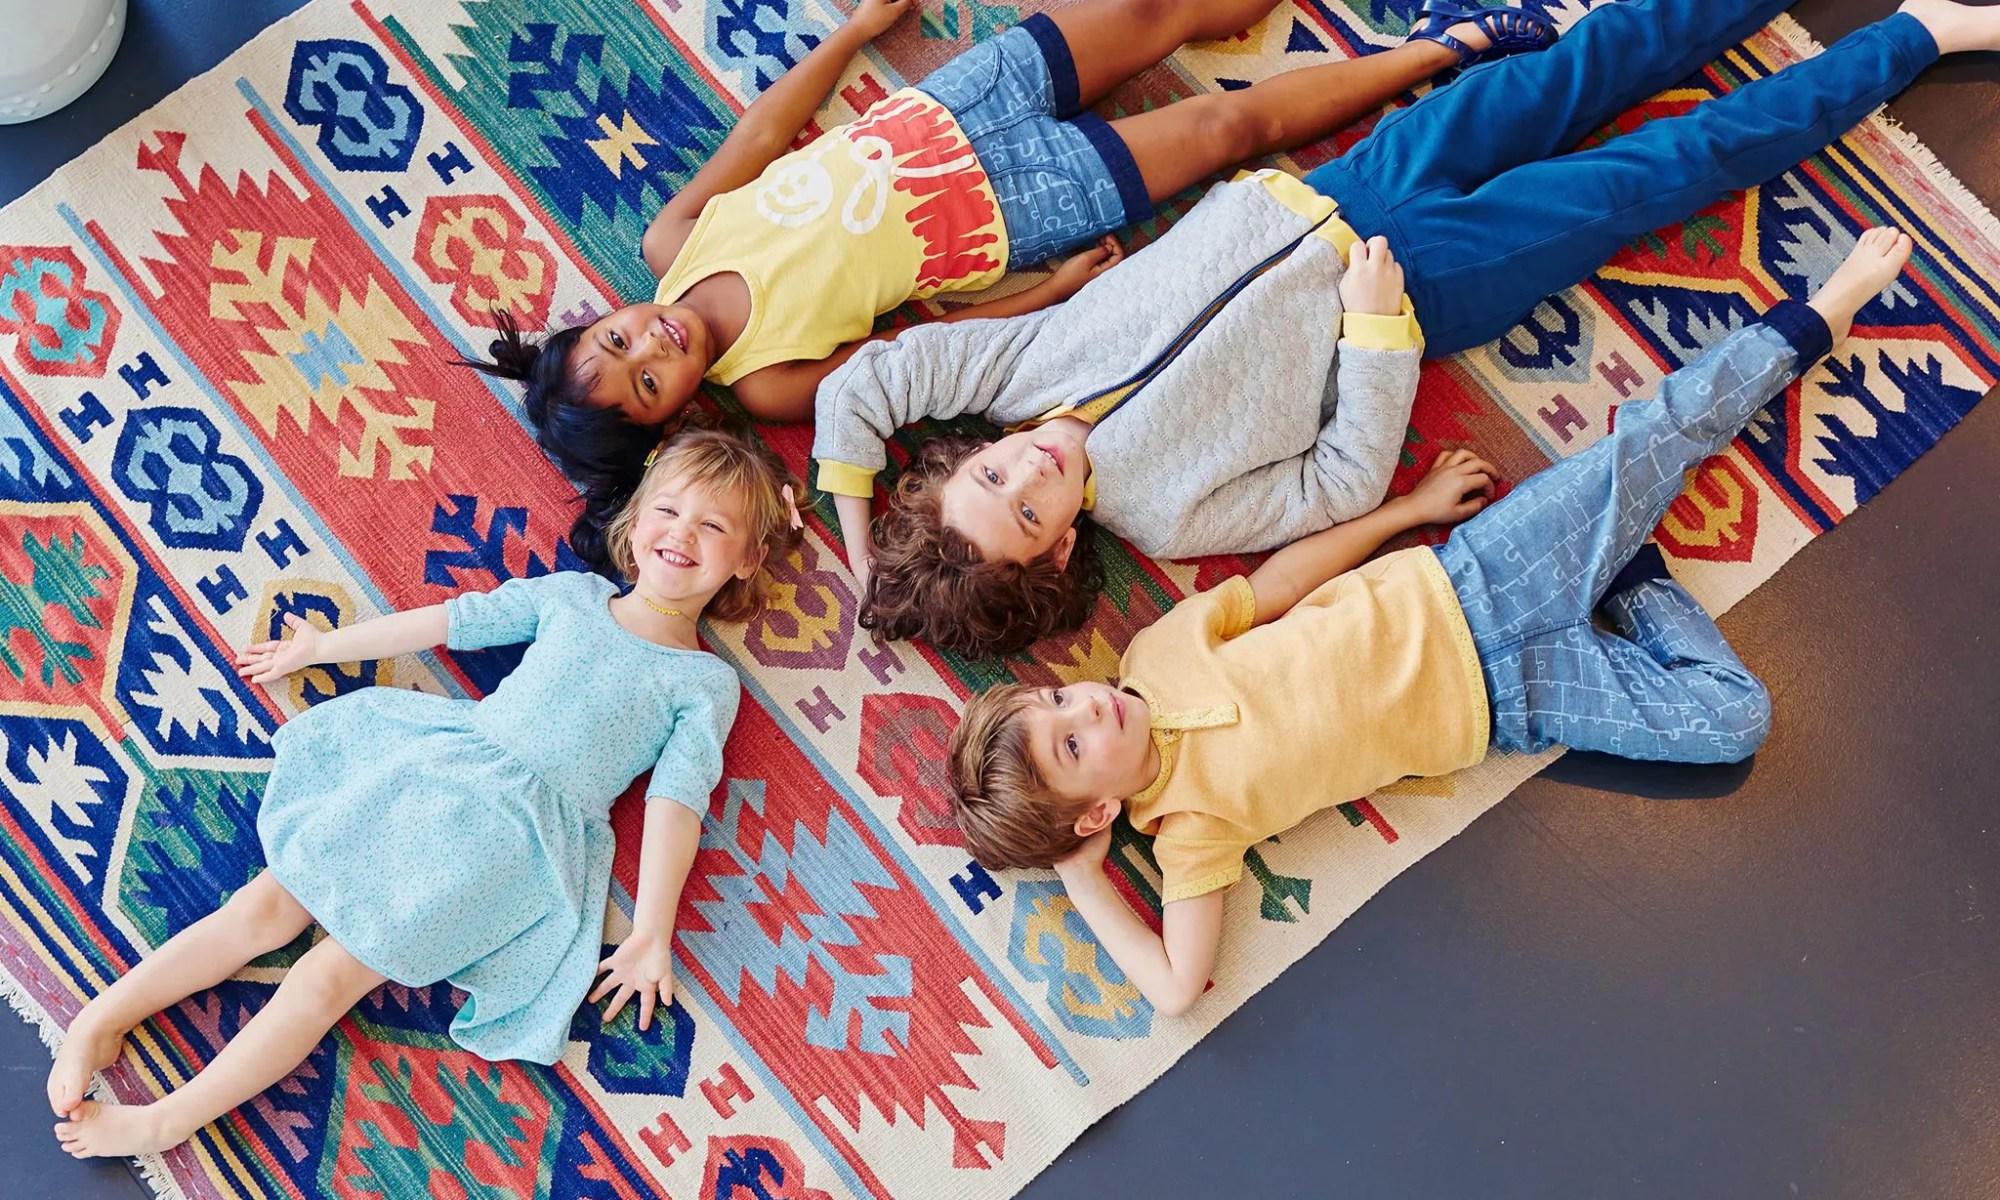 Enfants couchés sur le sol dans les vêtements Bonjour Maurice